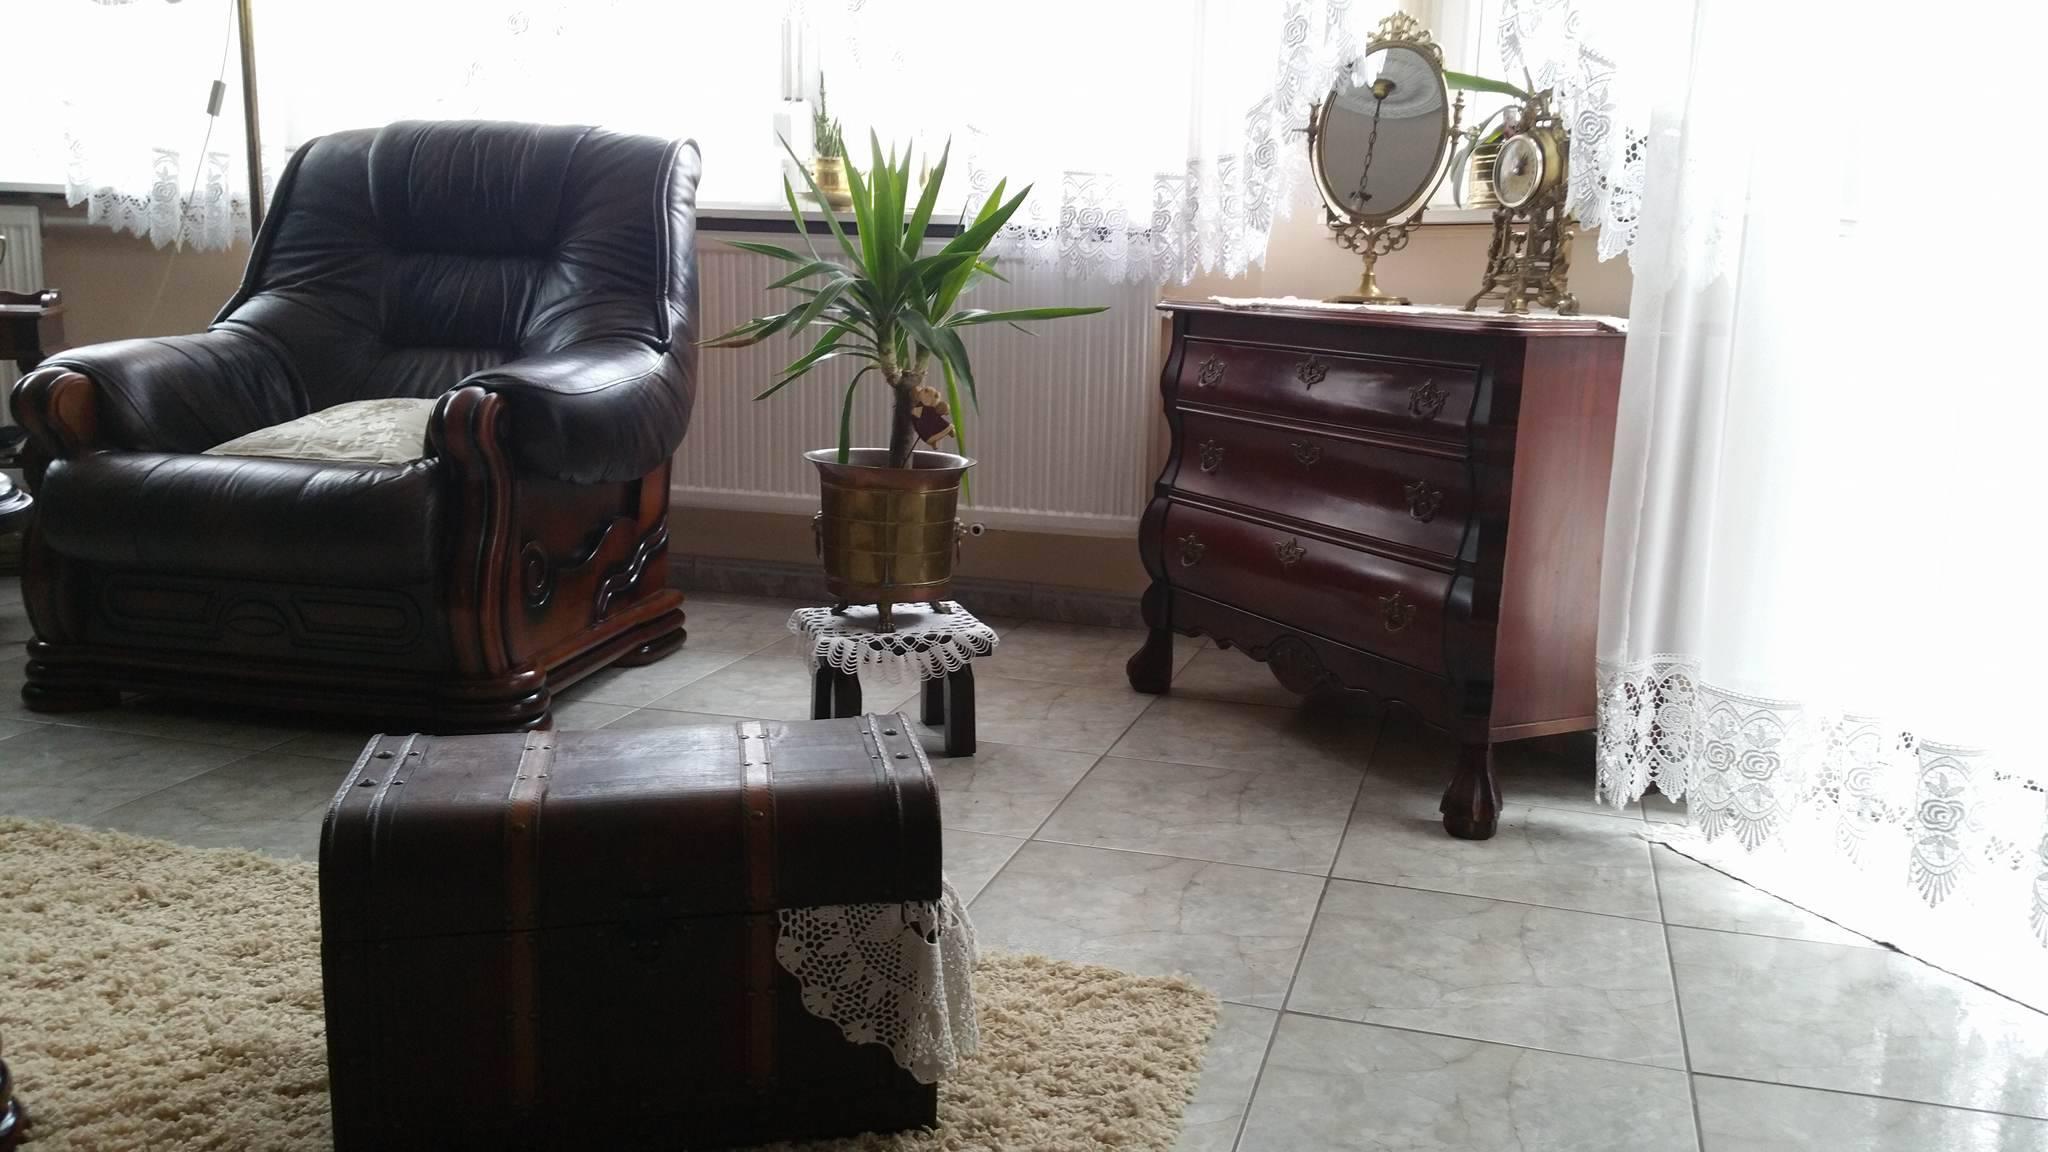 Nem nyomnak el az antik, nehéz bútorok. Igen, valóban lehet stílusosan csinálni!